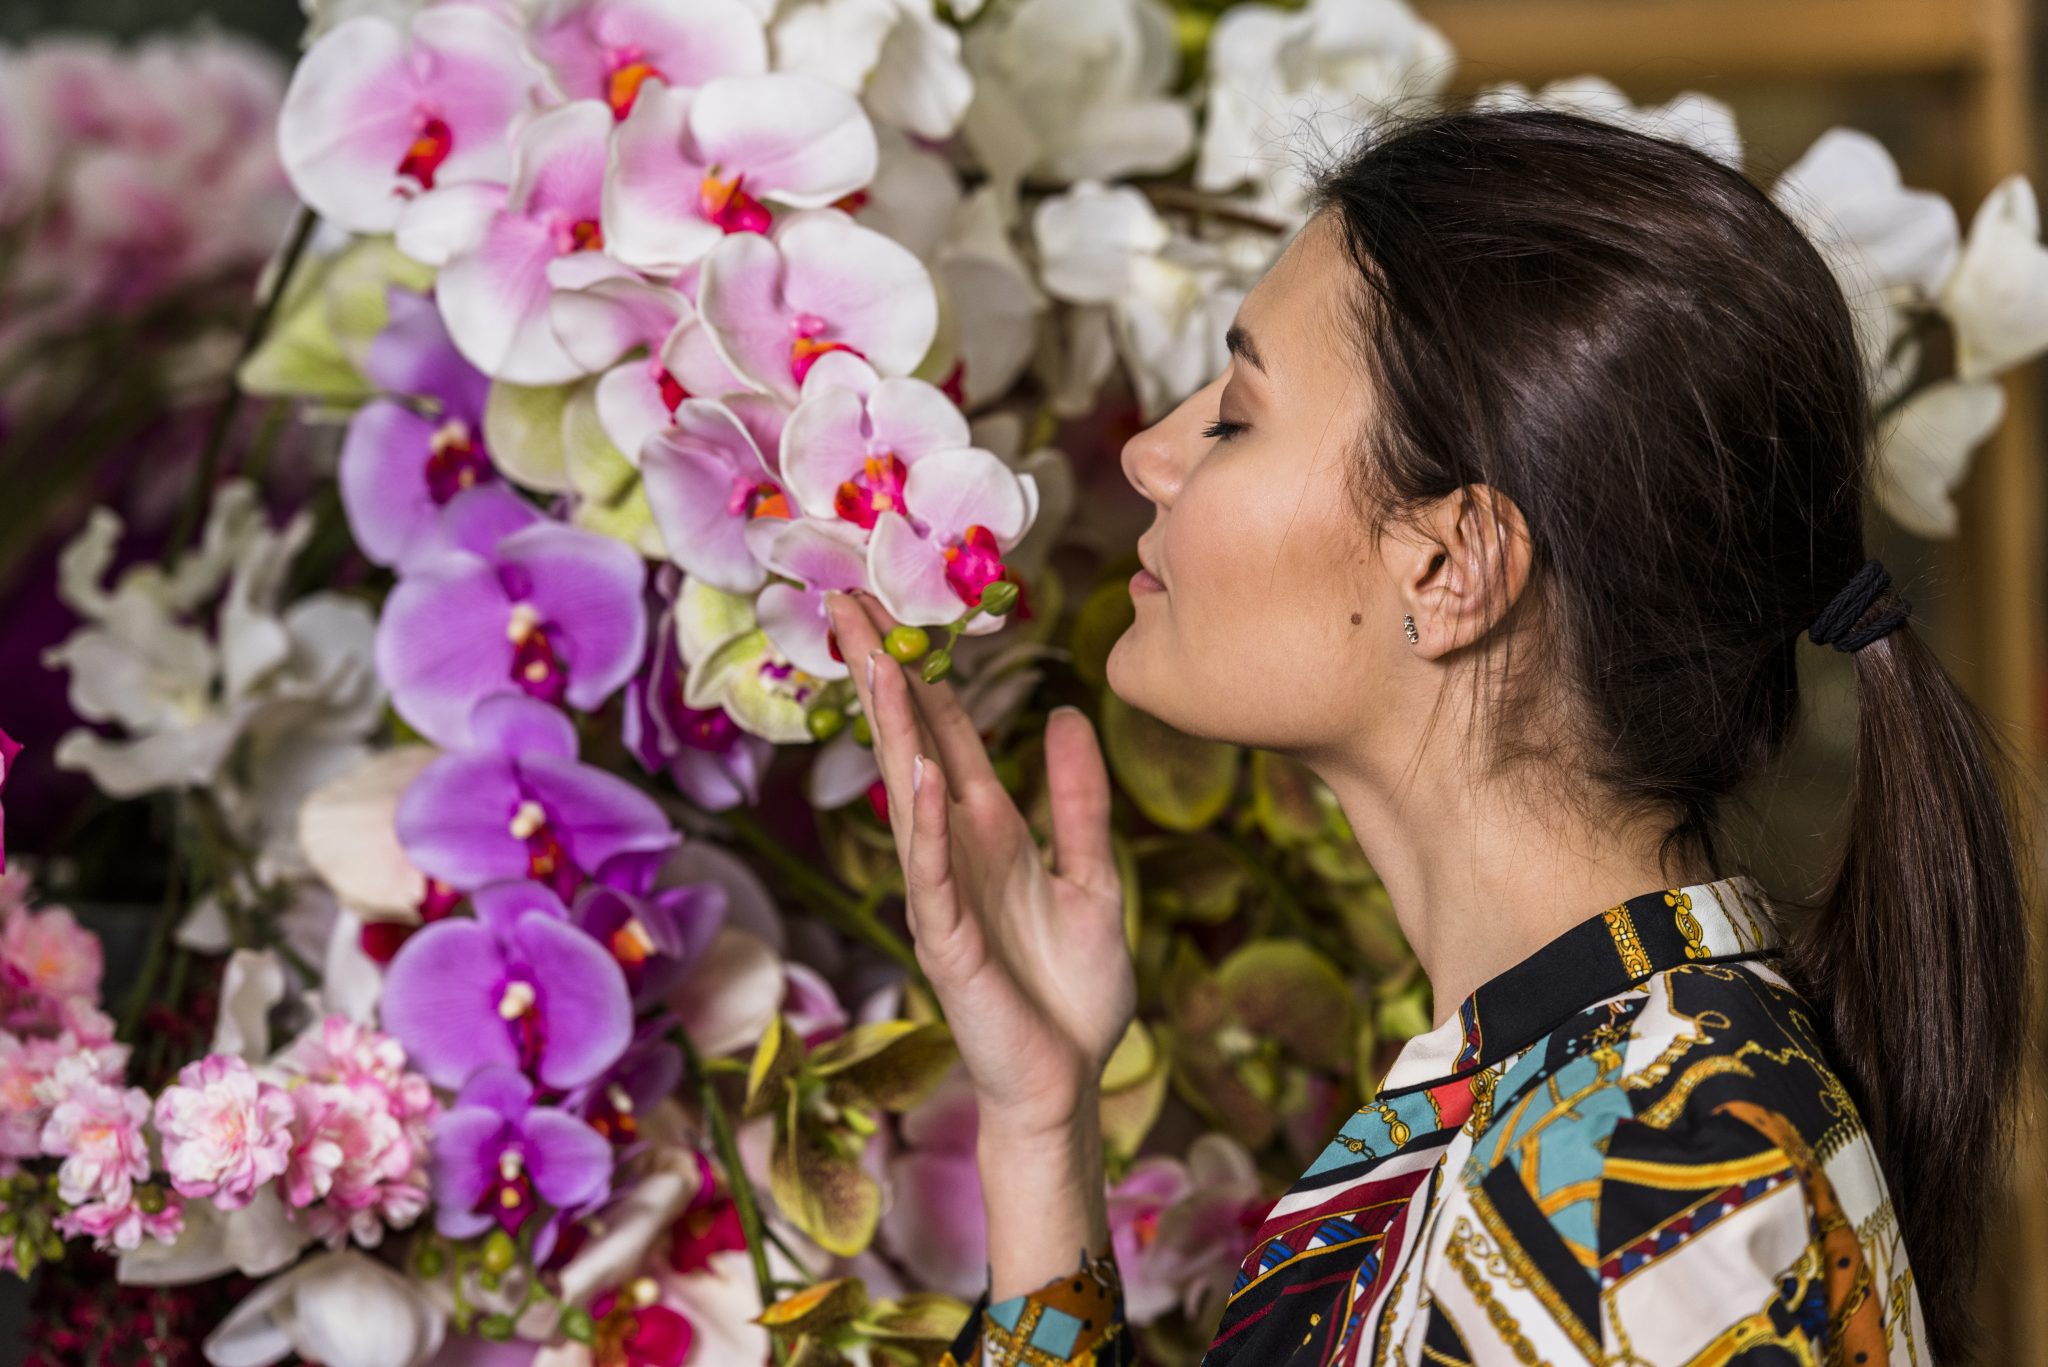 mulher cheirando aroma flores